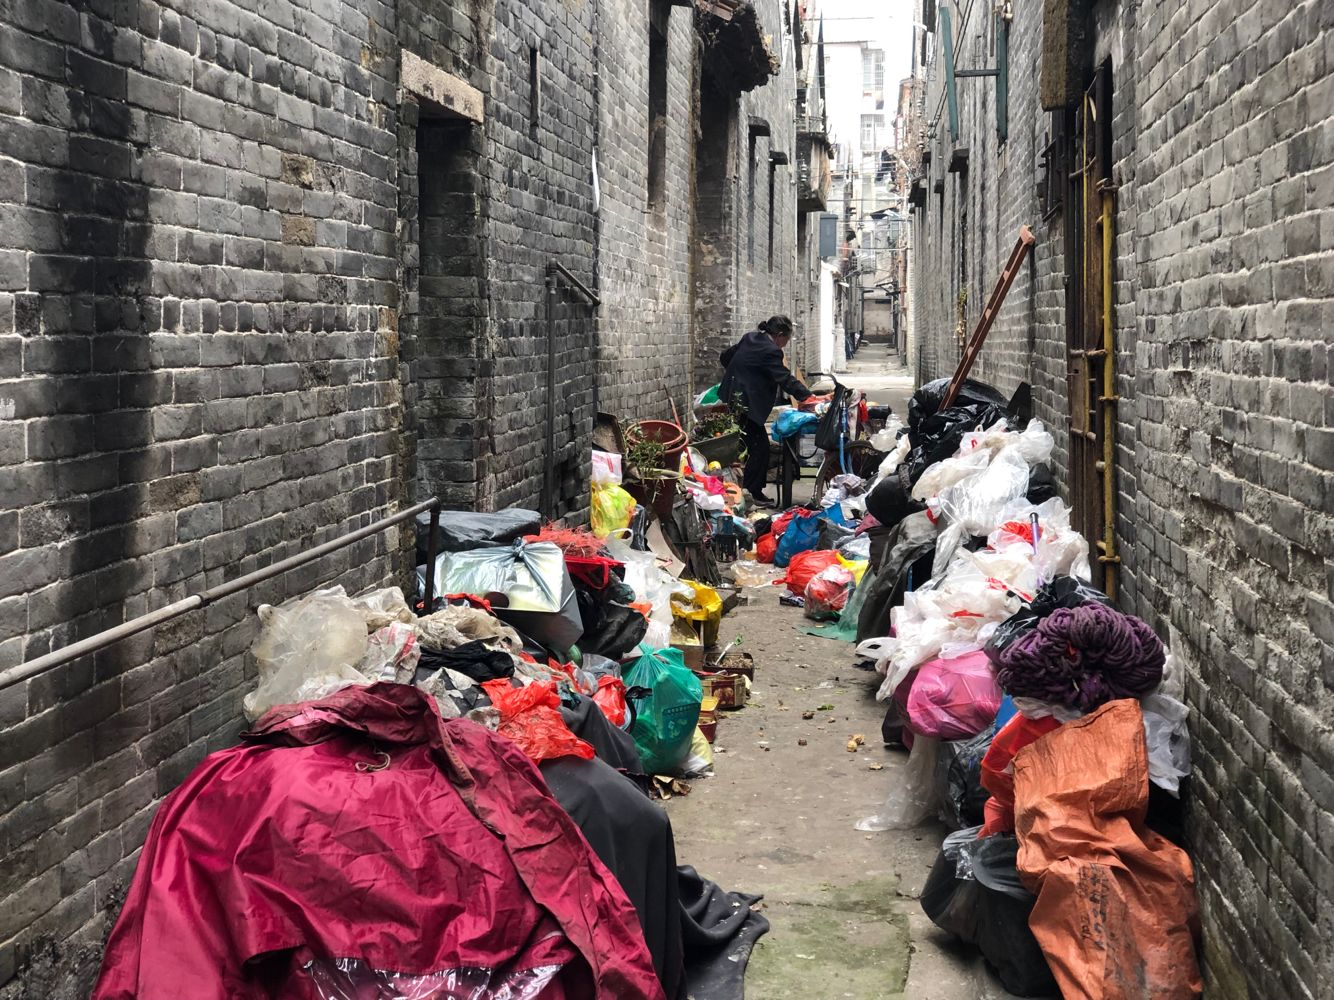 婆婆捡垃圾堆满巷道 清理后又复原样